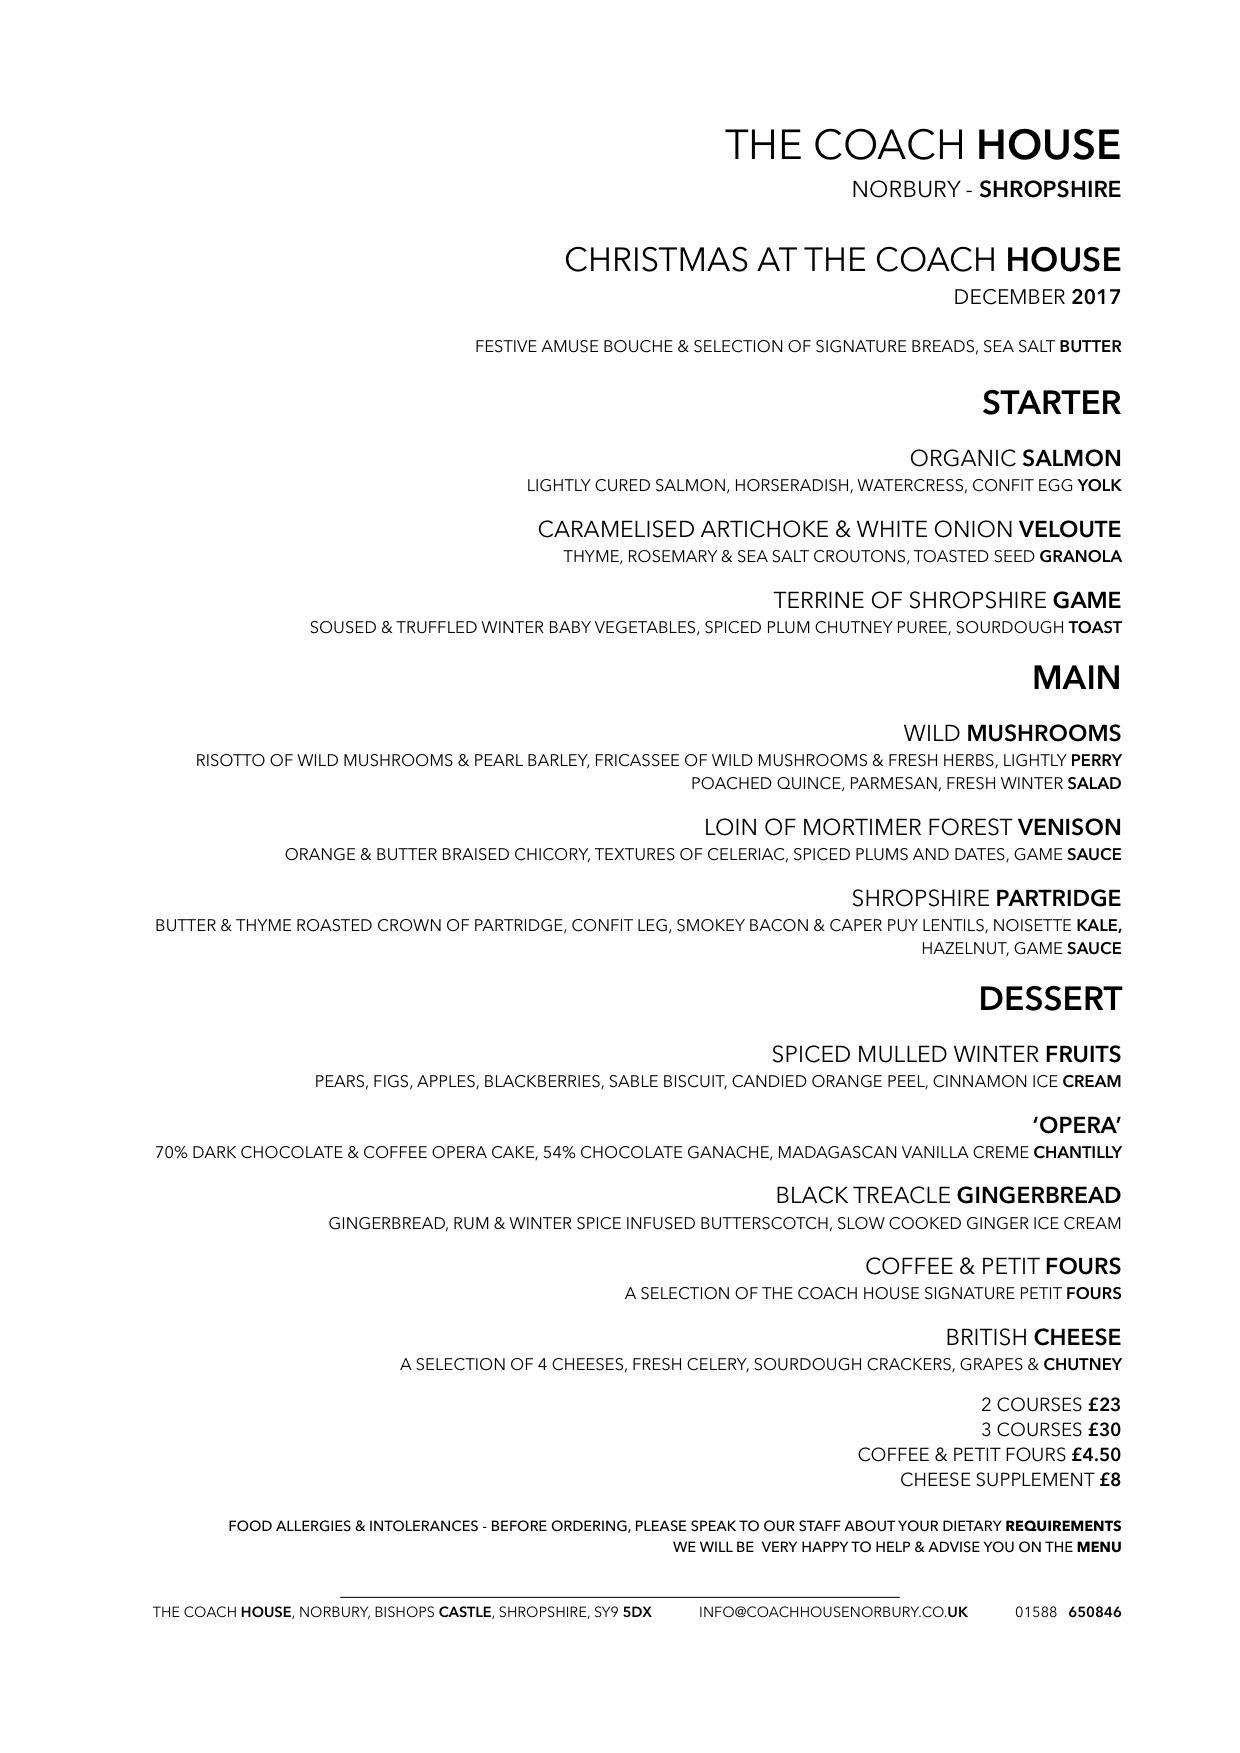 Christmas dinner menu 2017